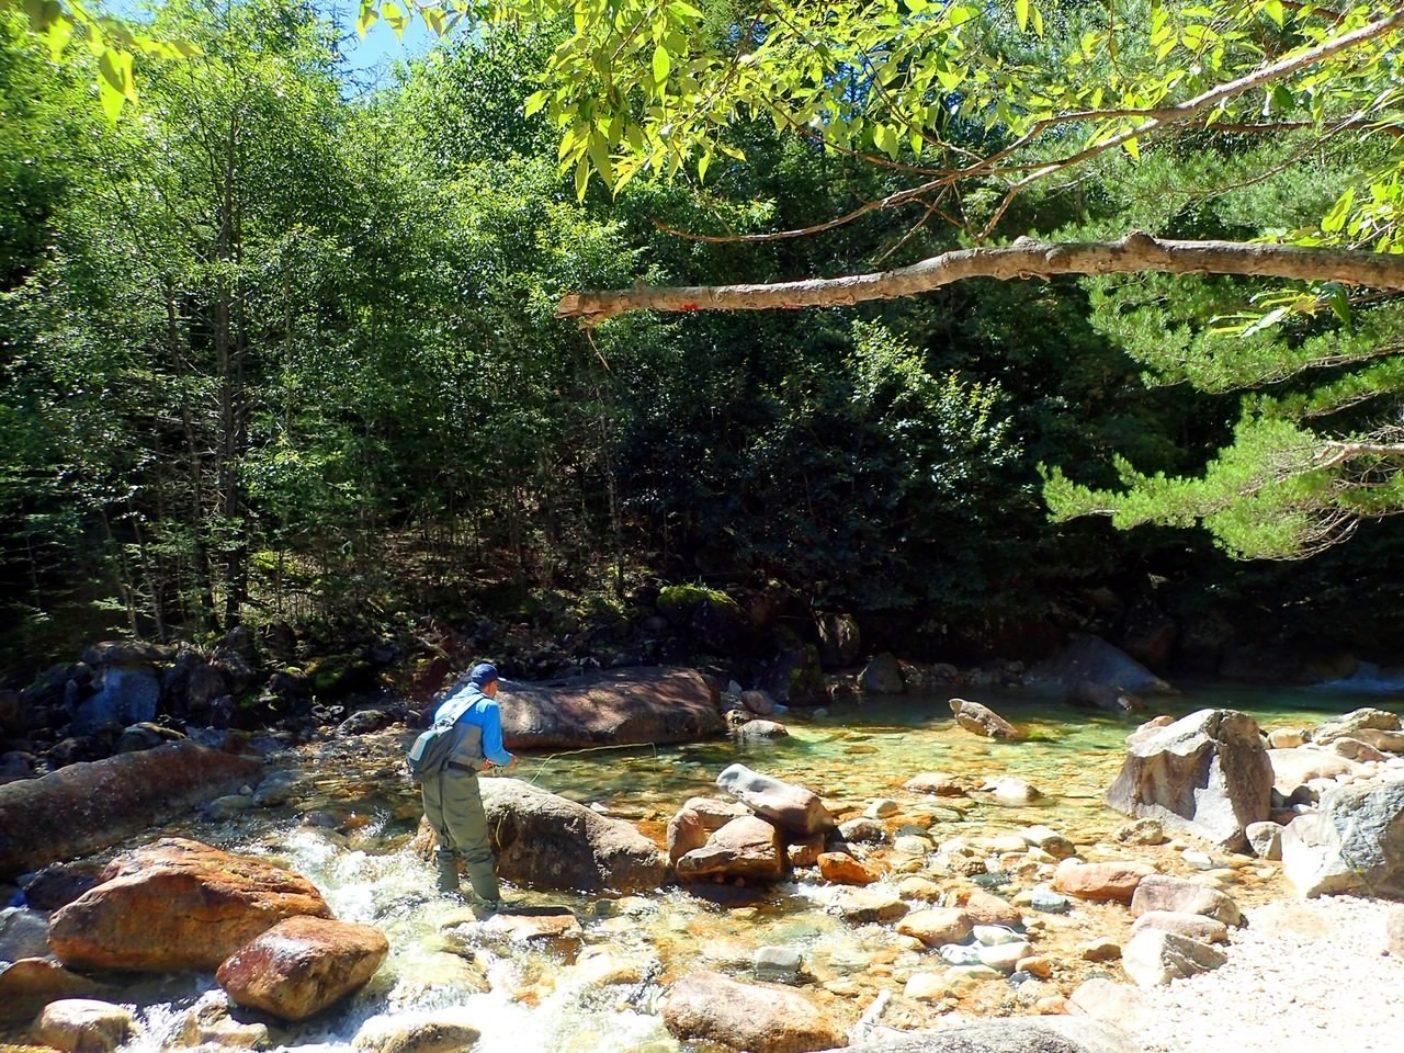 ディランは環境保全に奔走する活動家でもあるが、夢中で竿を振る姿は、やはり生粋の釣り人。 写真:福本玲央